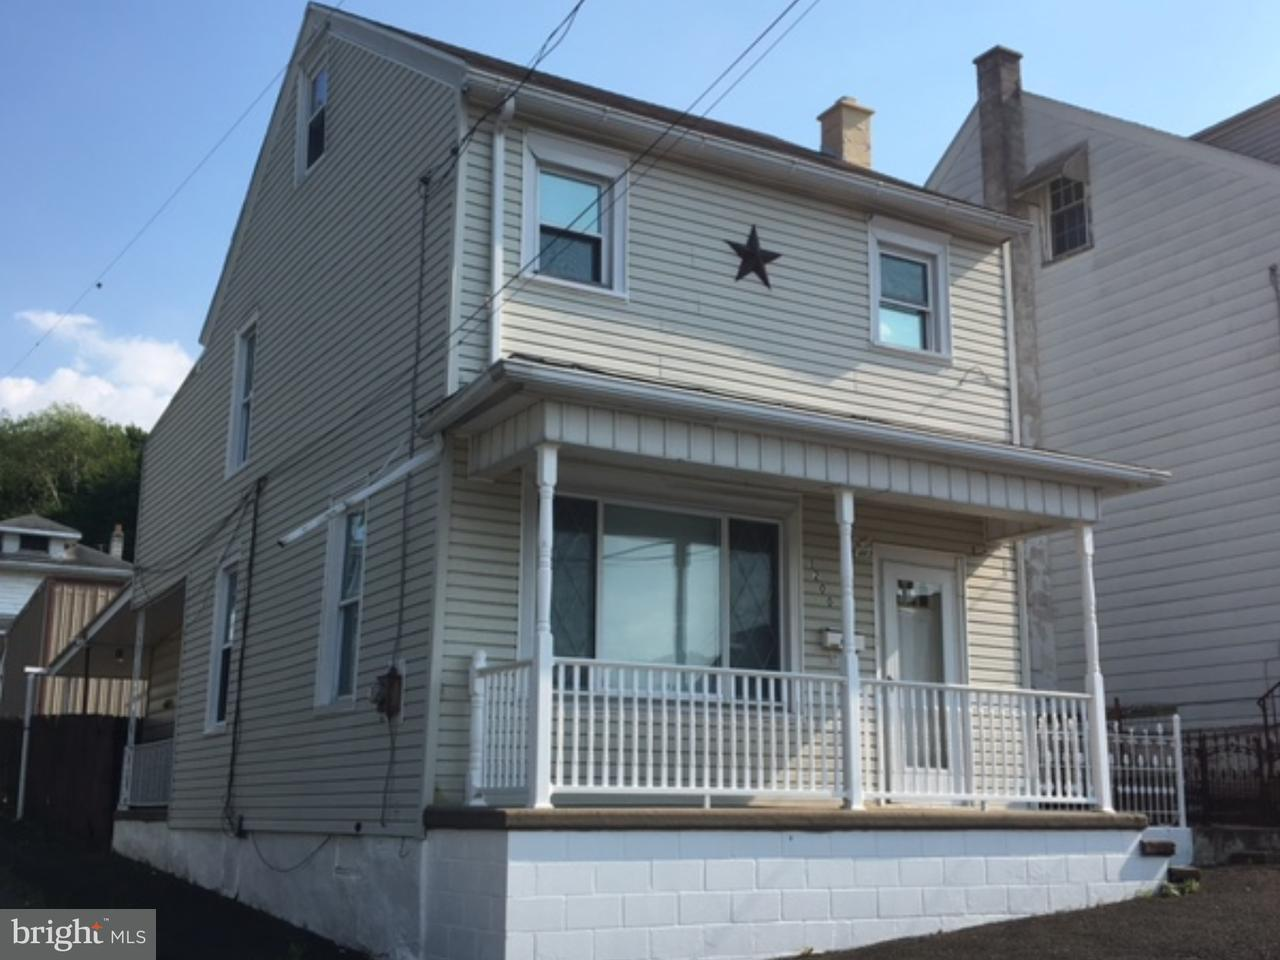 Частный односемейный дом для того Продажа на 1200 SPRUCE Street Ashland, Пенсильвания 17921 Соединенные Штаты